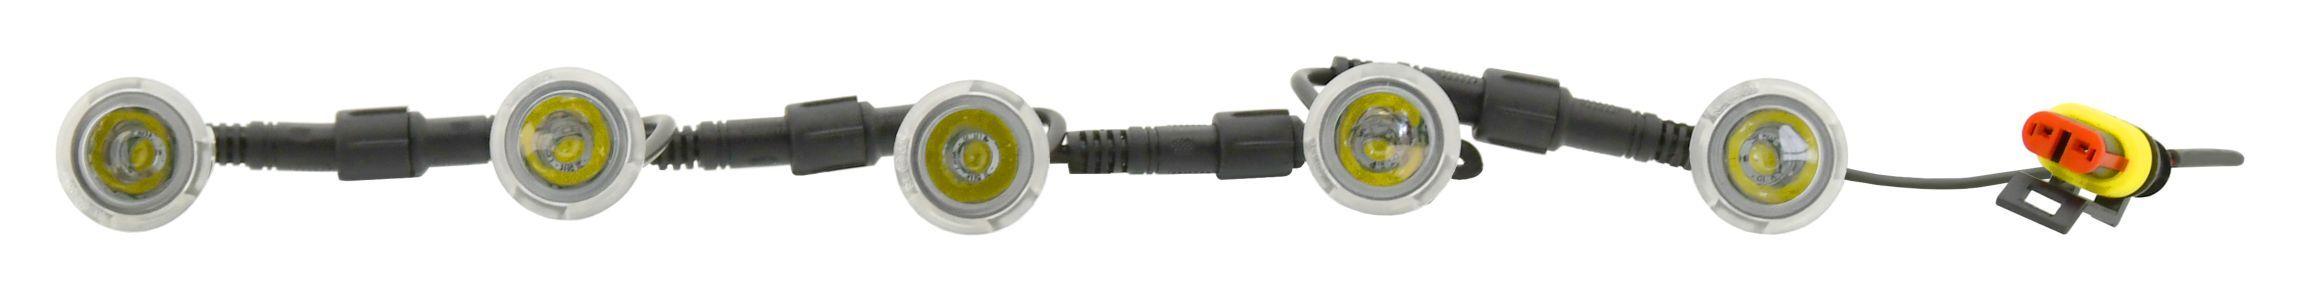 Světla denního svícení, high power, 12V/24V